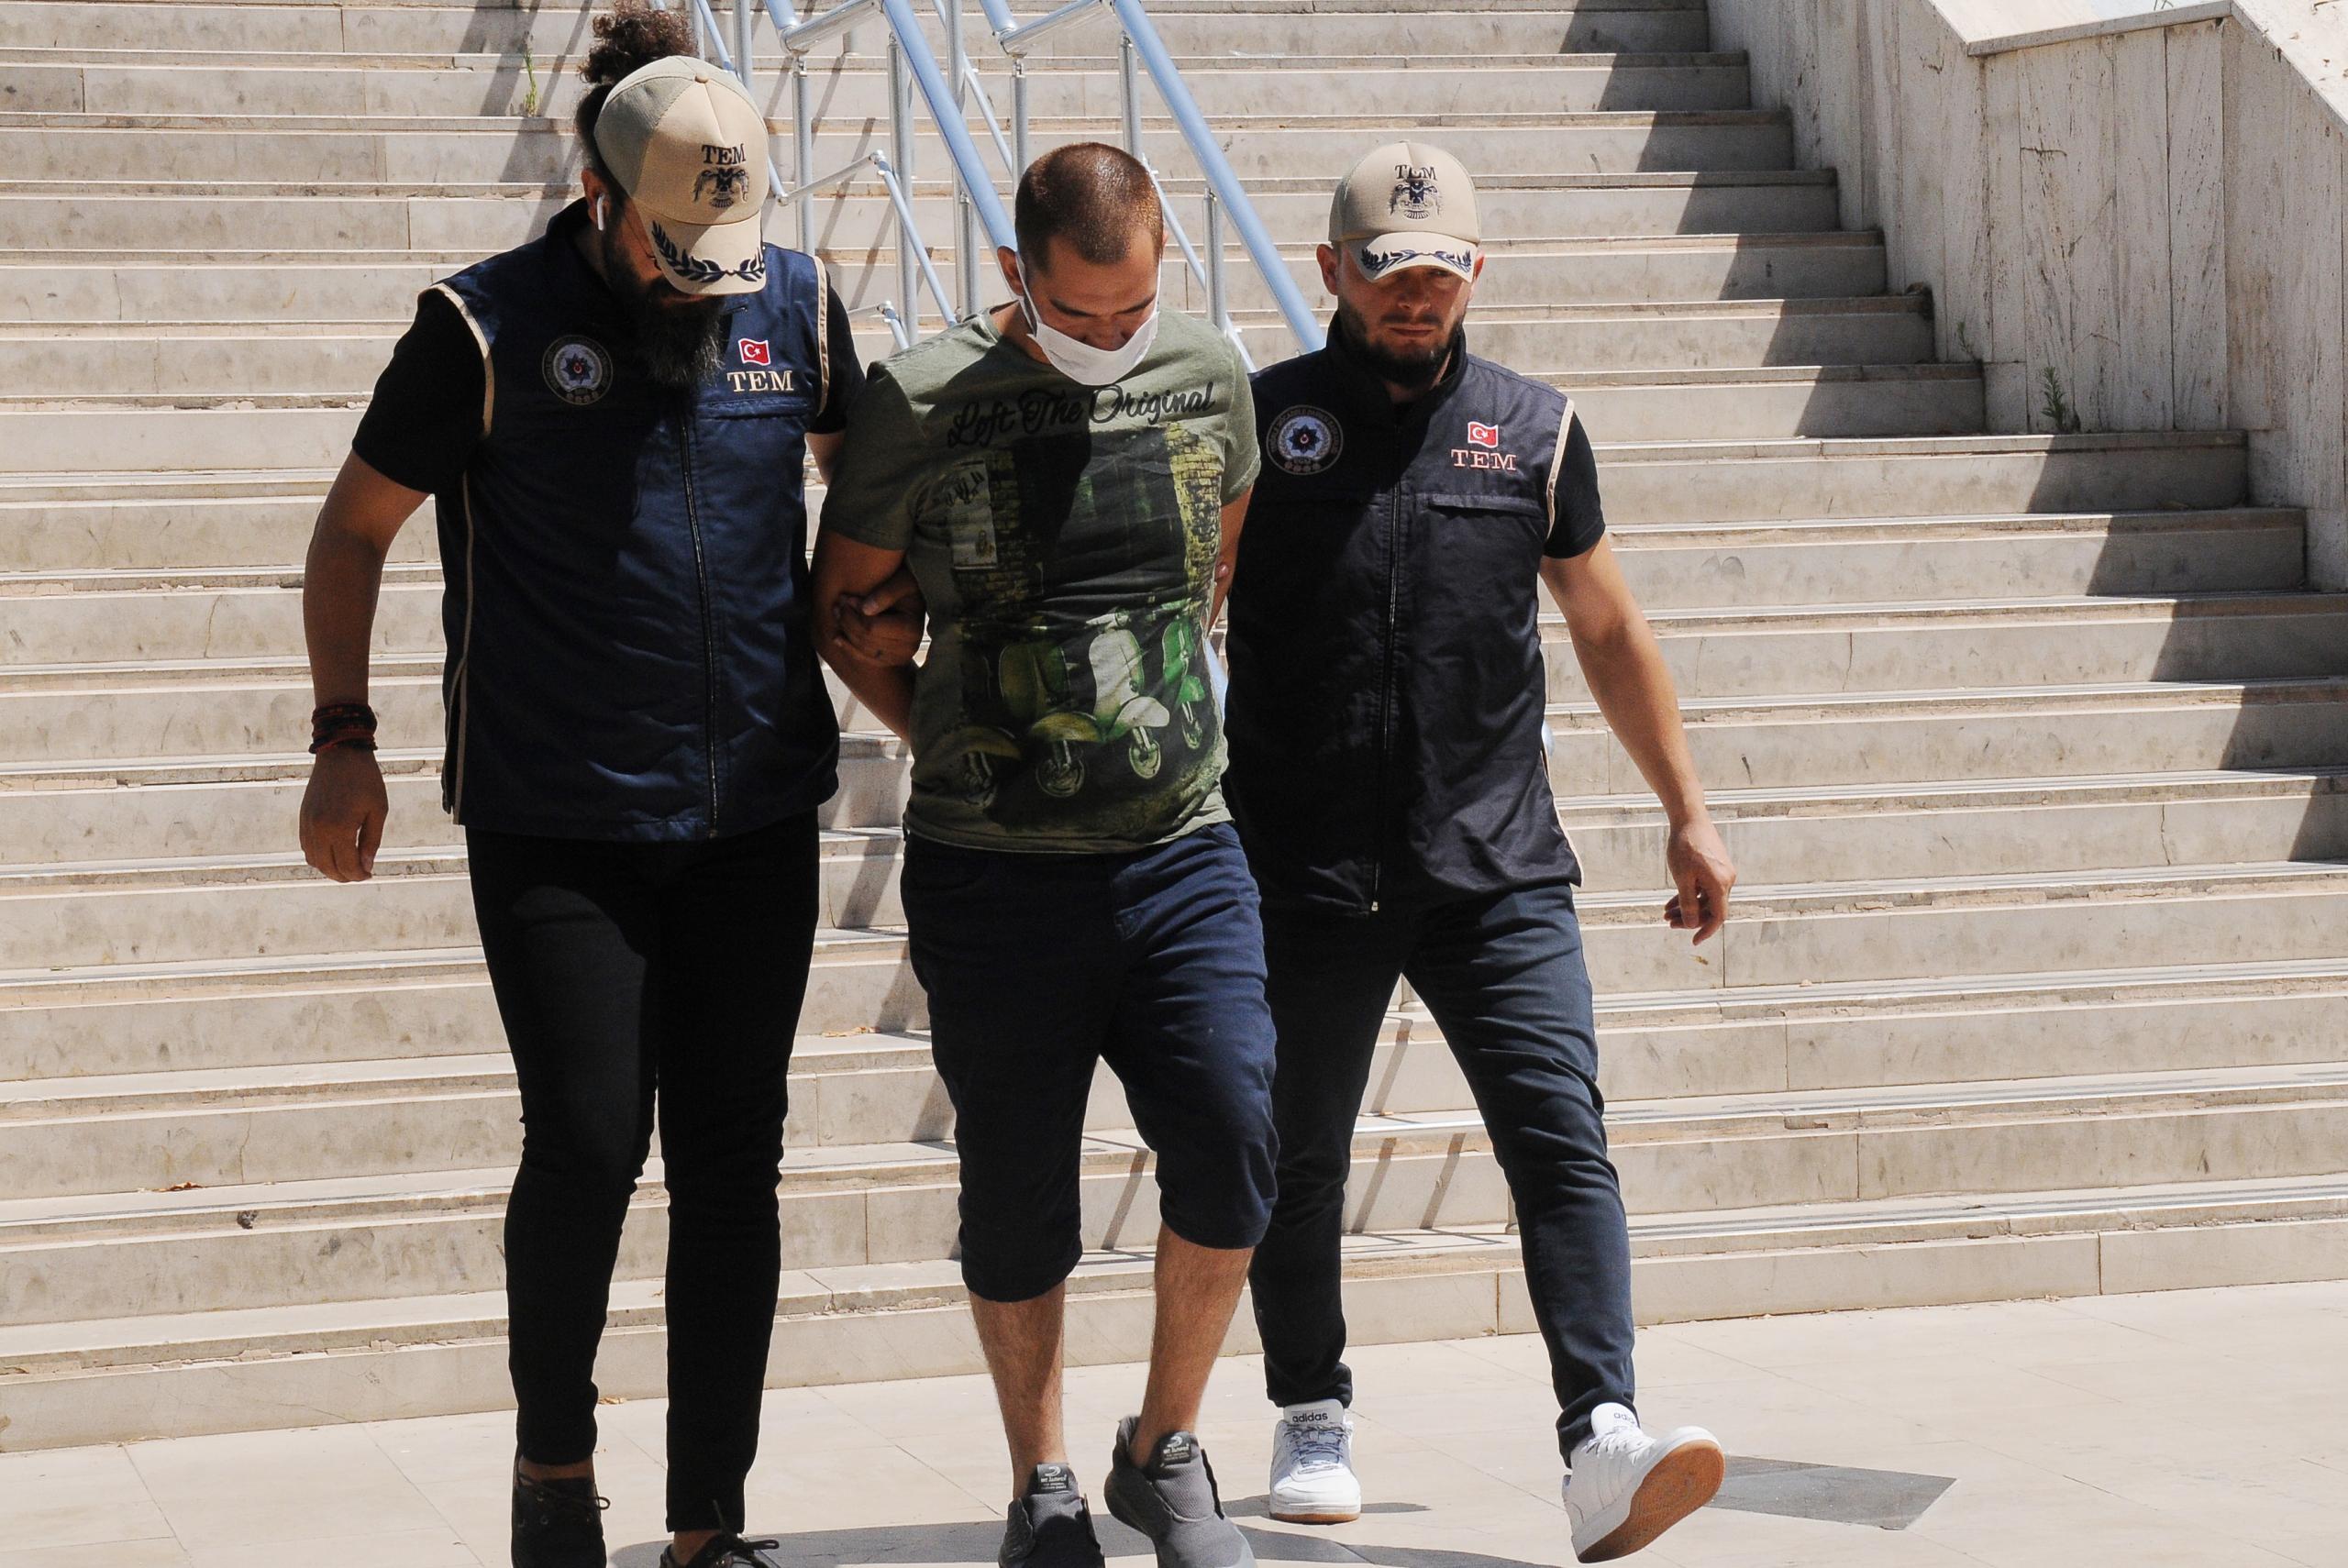 Marmaris'te HDP binasına ateş açılmasına ilişkin bir şüpheli tutuklandı